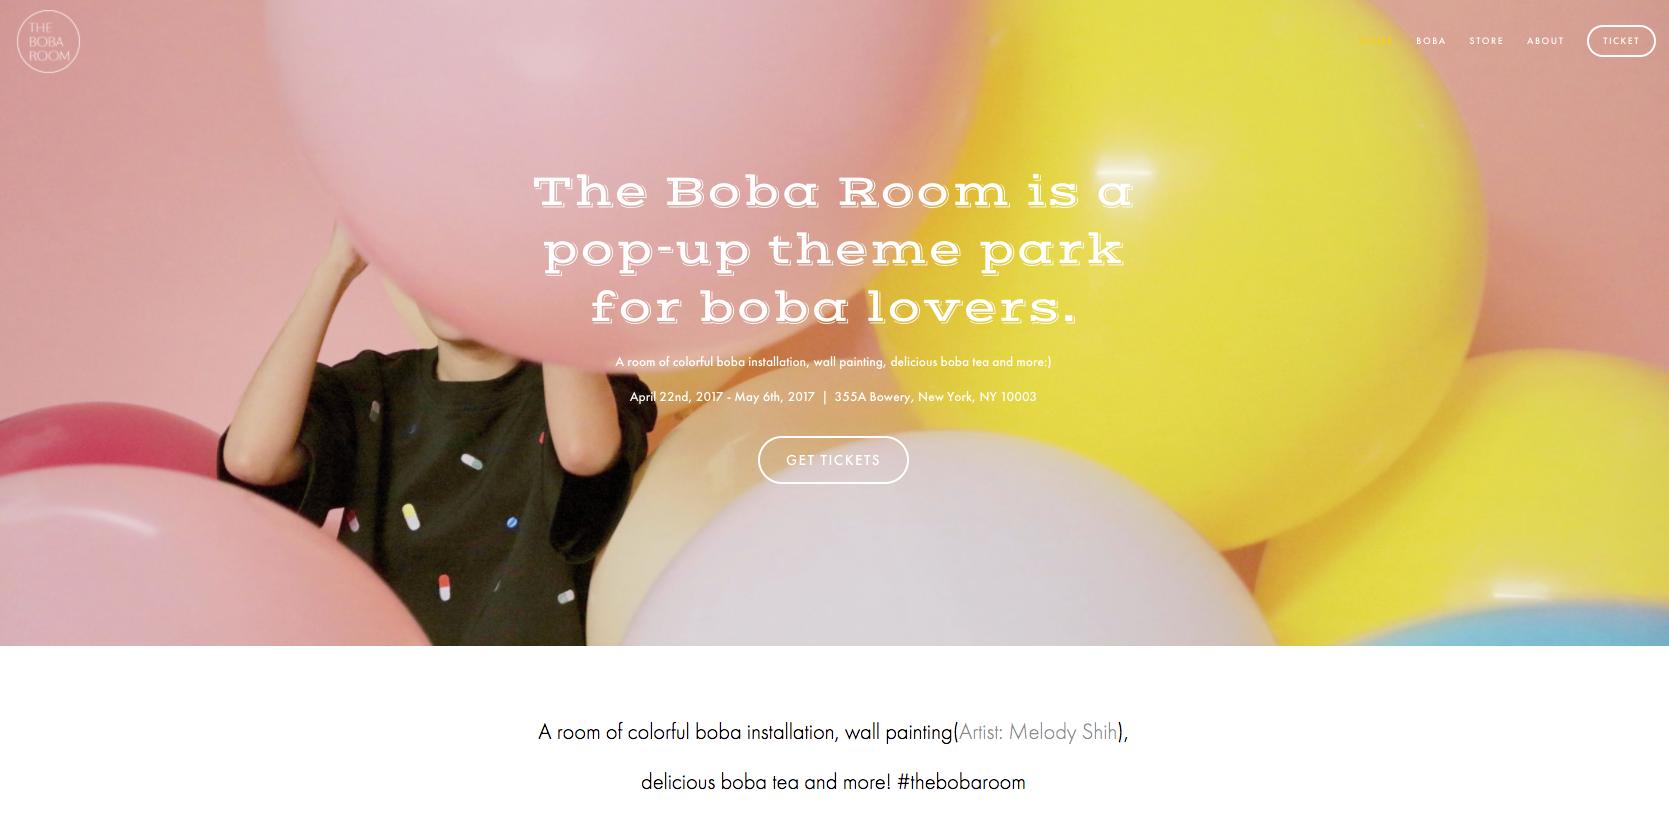 The Boba Room website